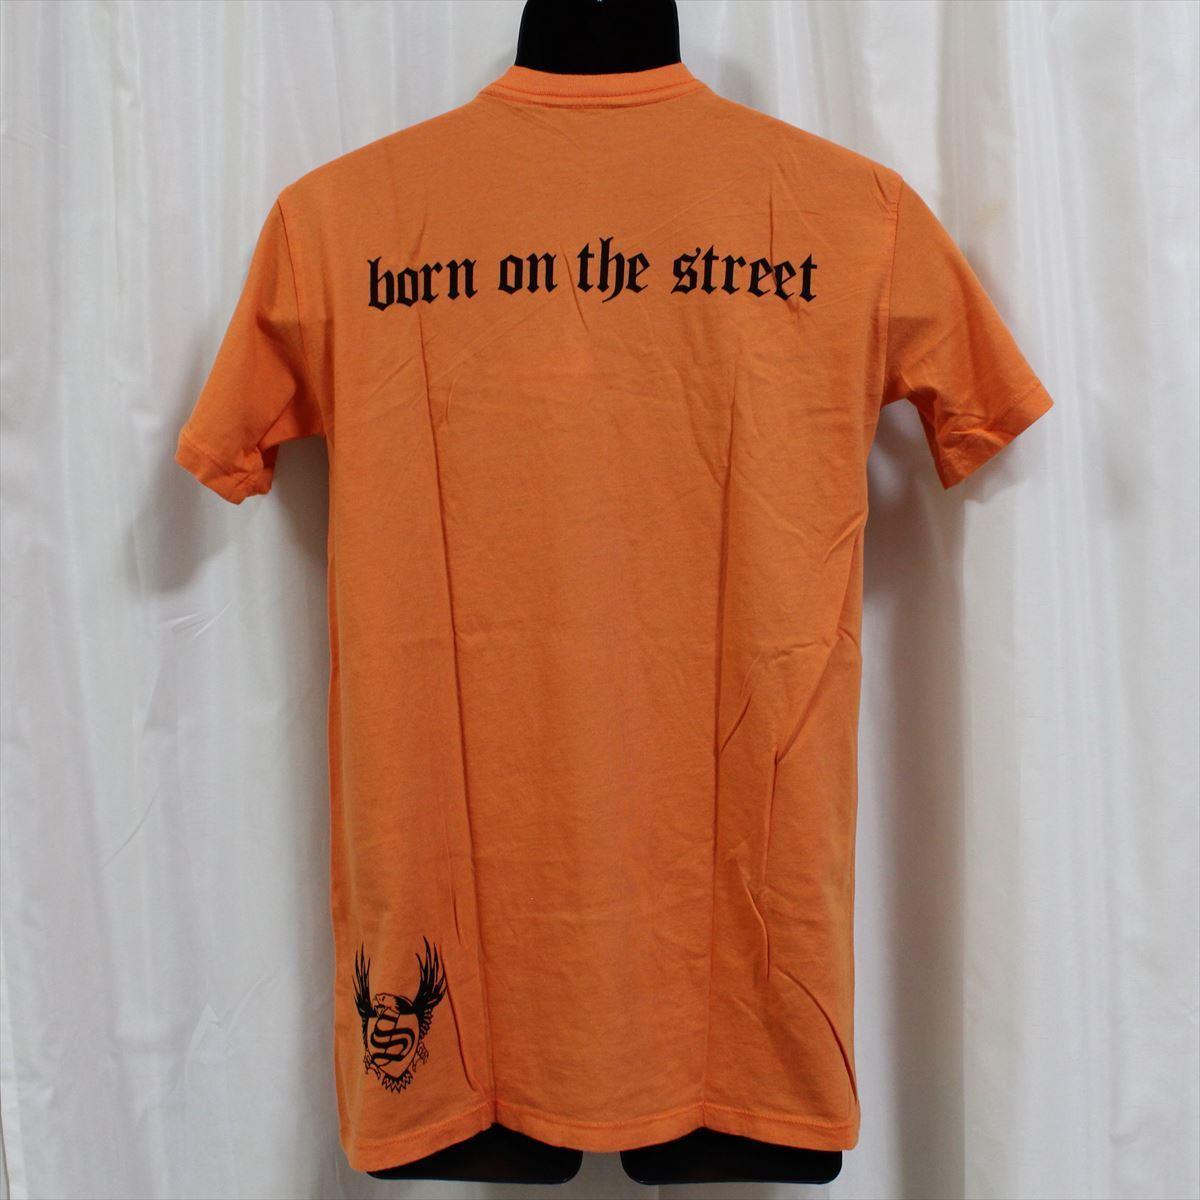 スメット SMET メンズ半袖Tシャツ オレンジ Mサイズ NO12 新品 スカル_画像3